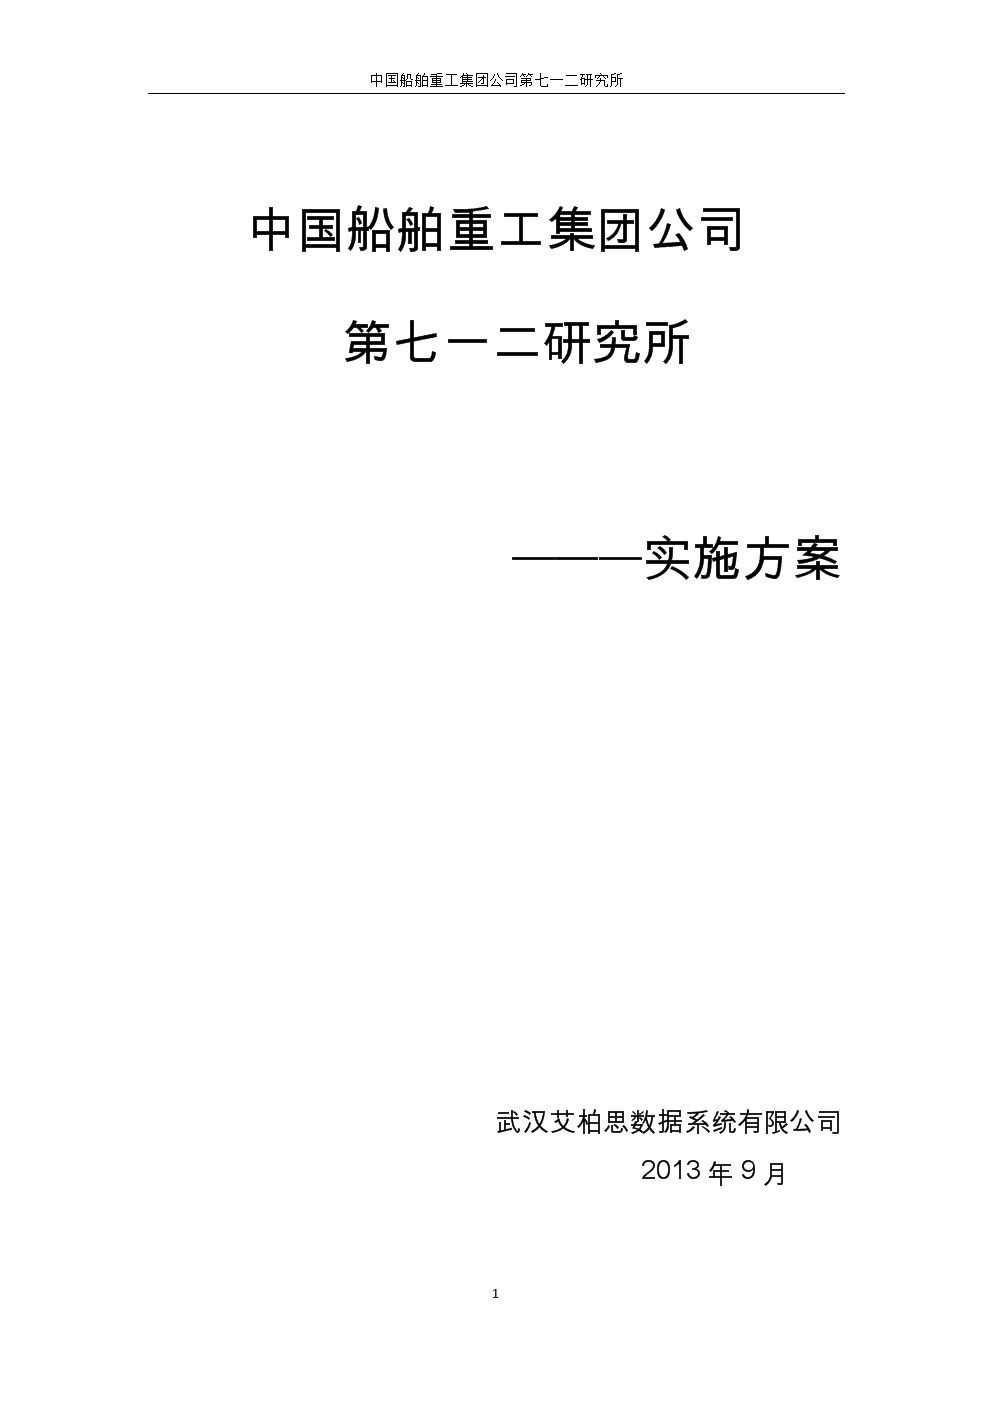 虛擬化項目實施方案.docx